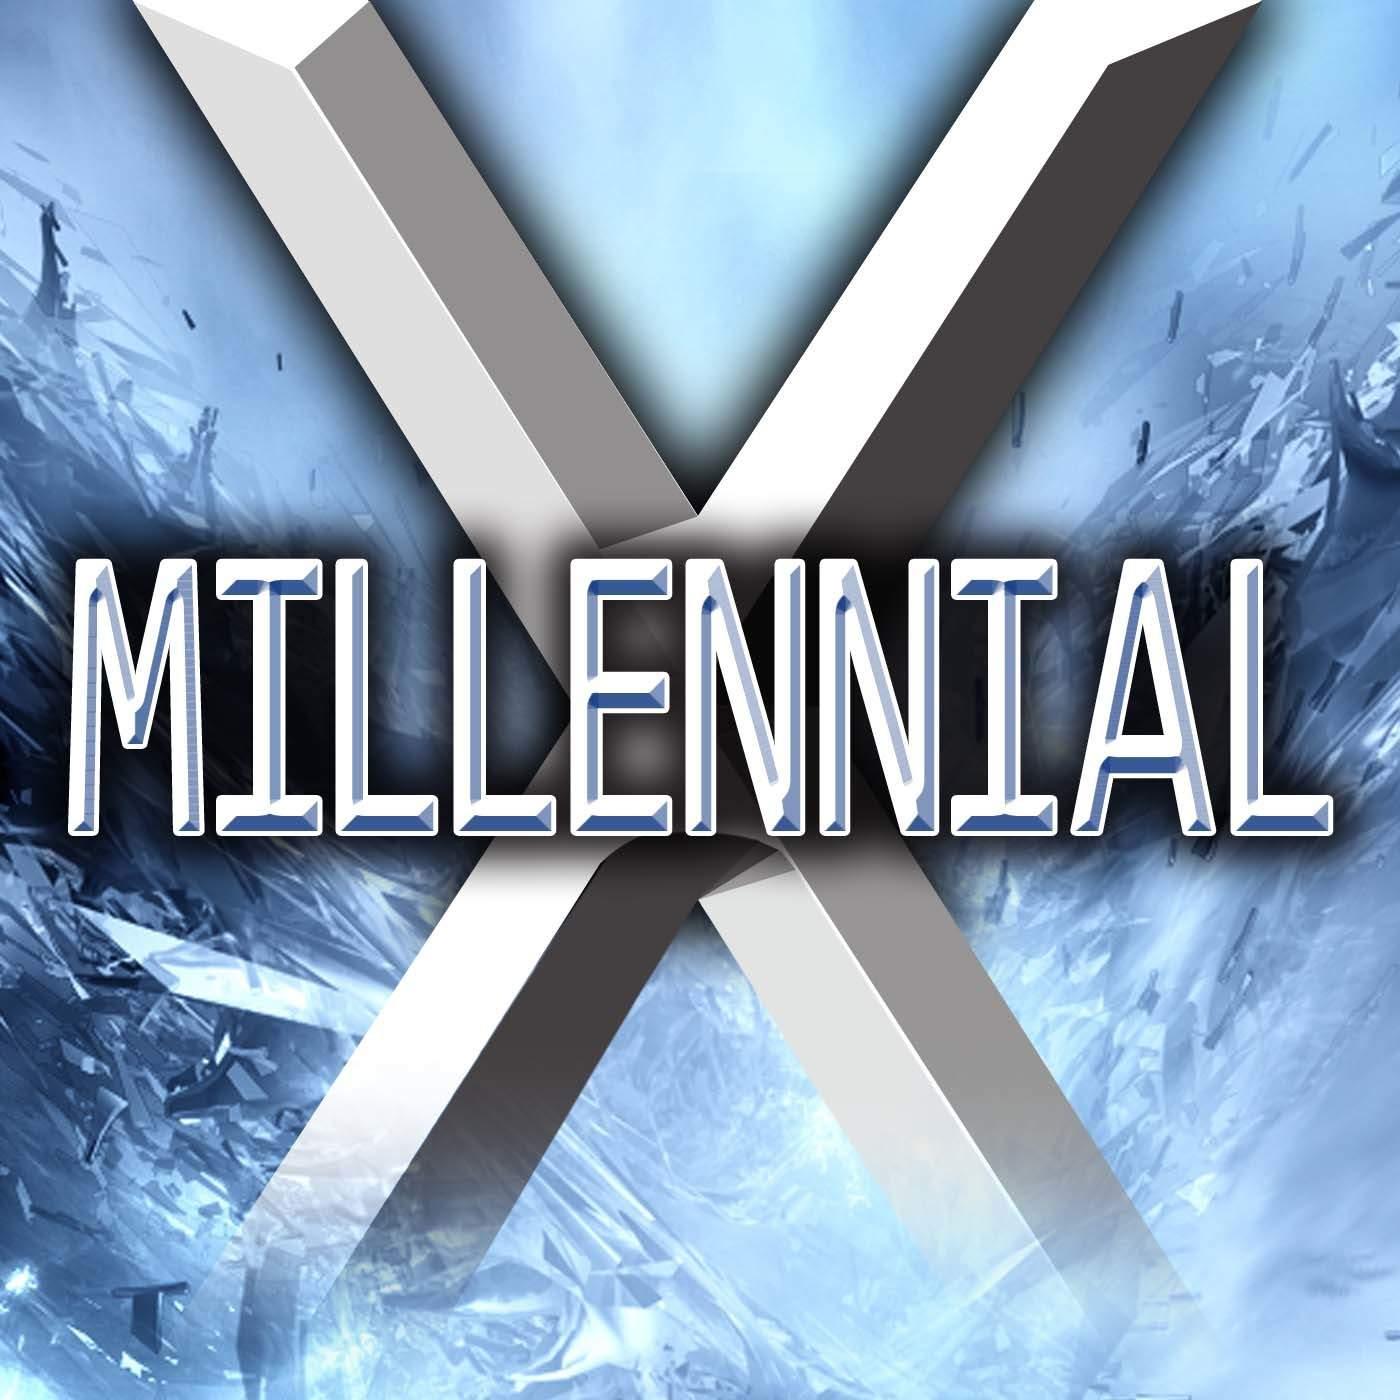 Millennial-Final